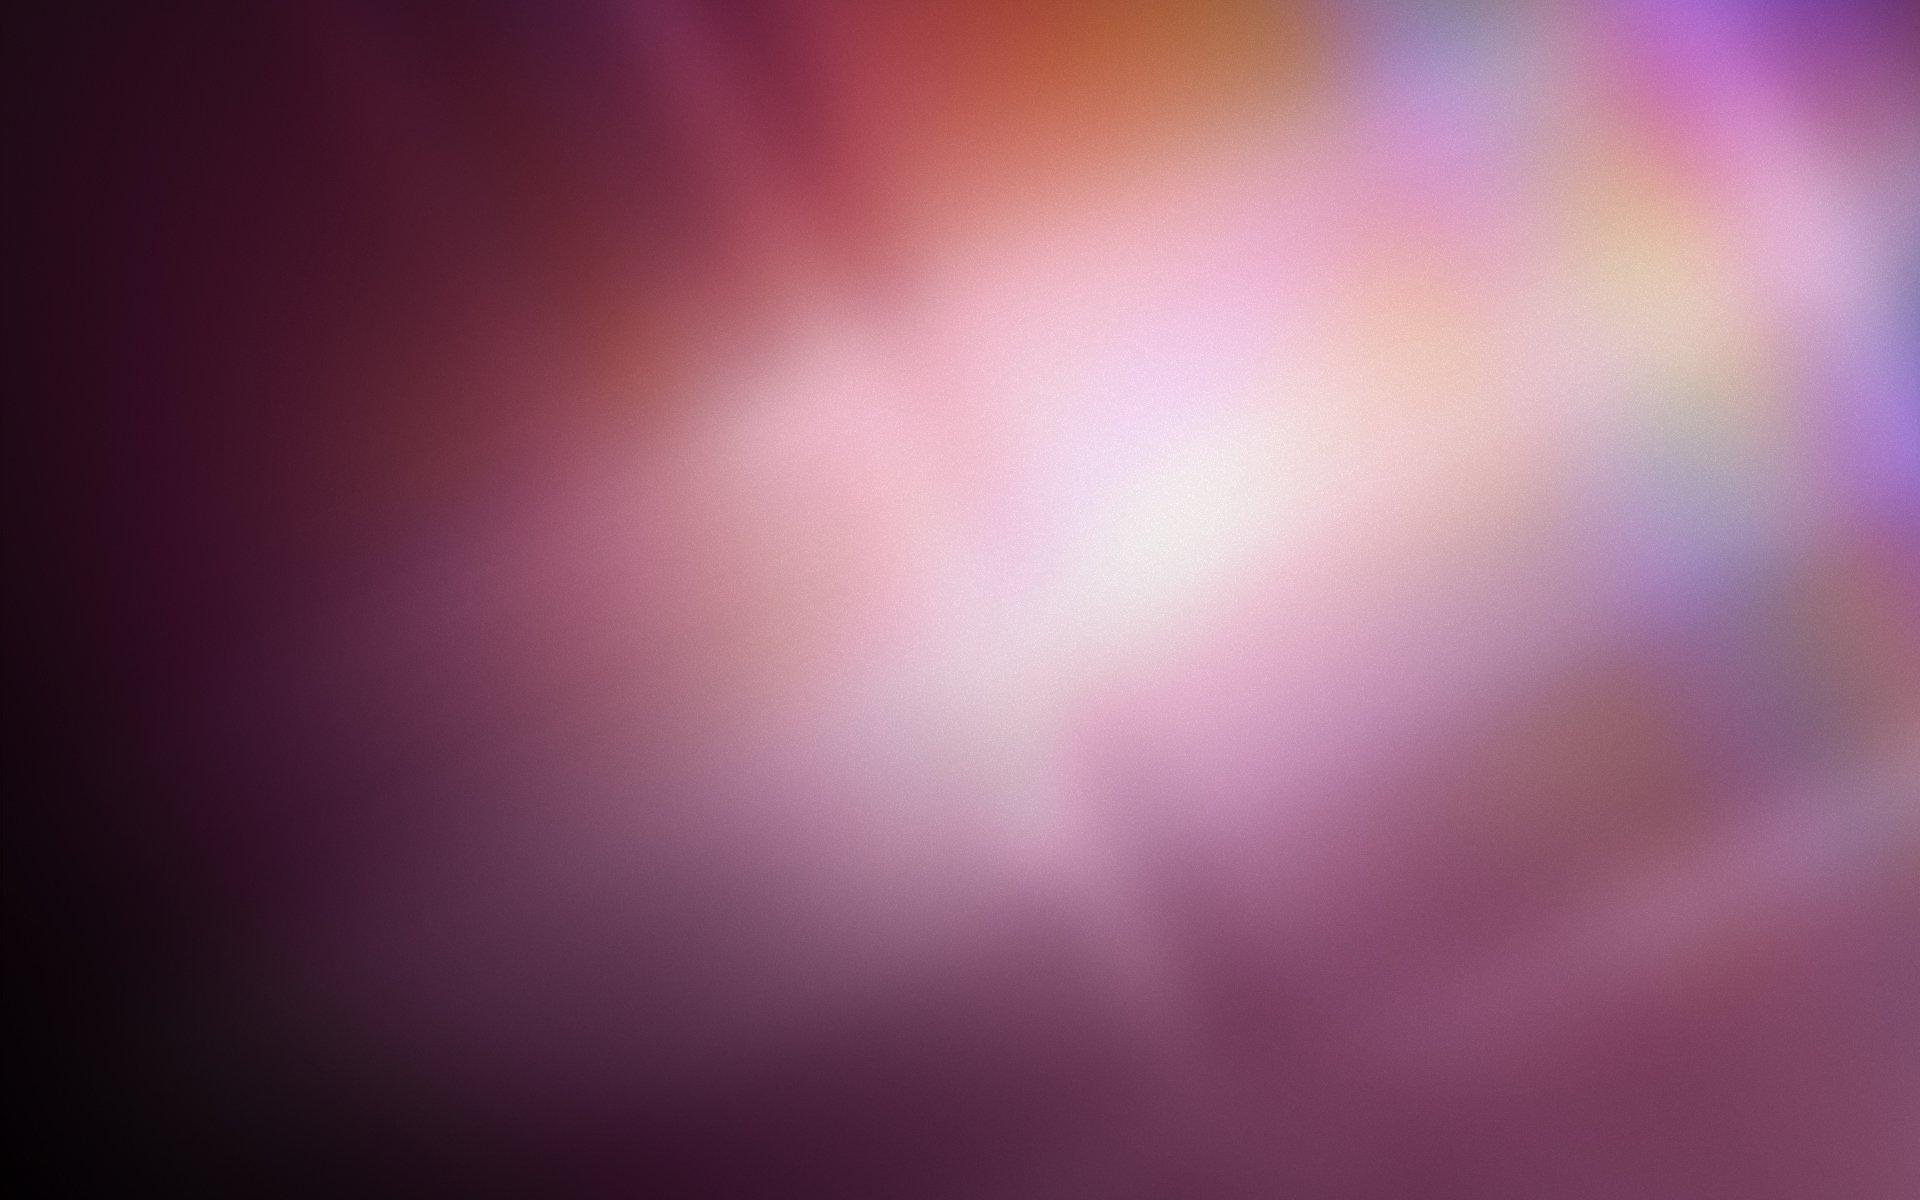 Ubuntu Desktop Wallpaper Girl 1920 1920x1200